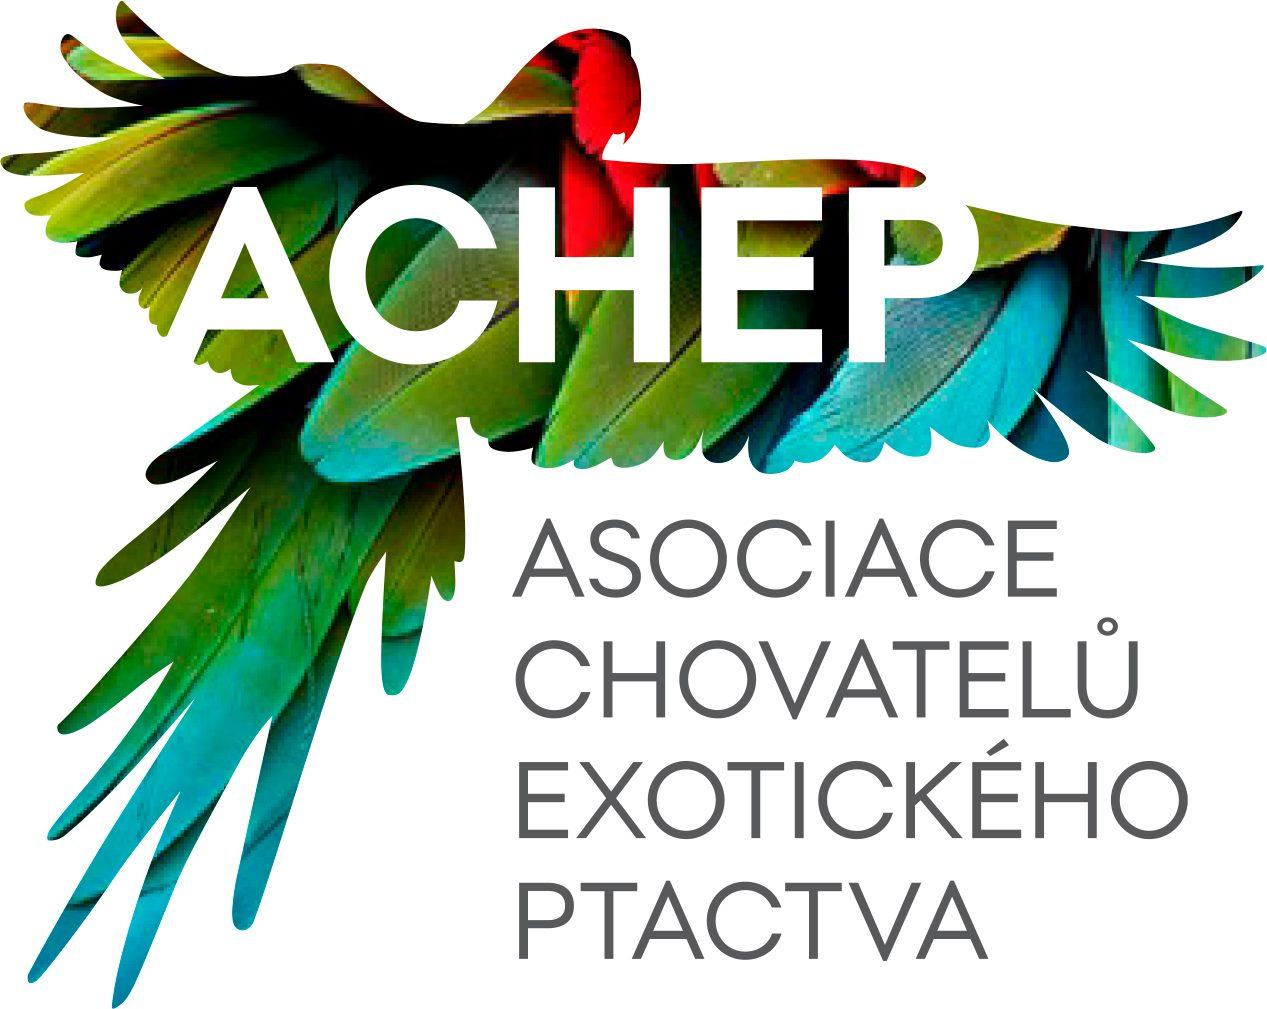 Asociace chovatelů exotického ptactva